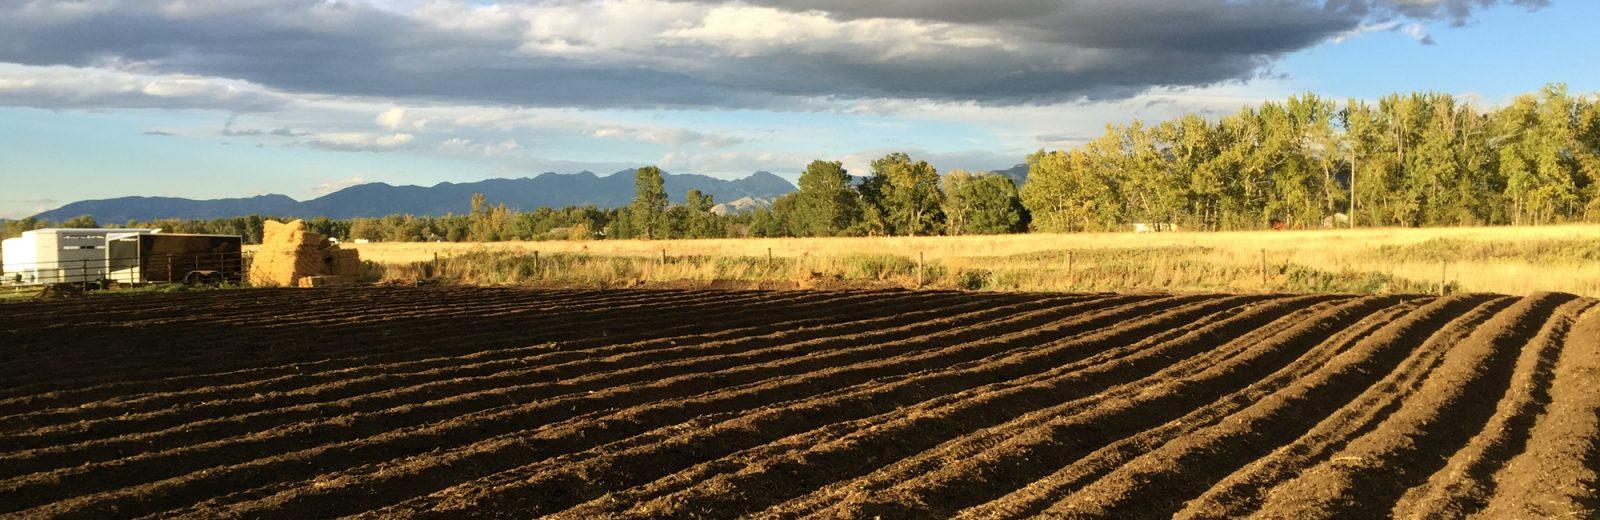 Brown Garlic Field